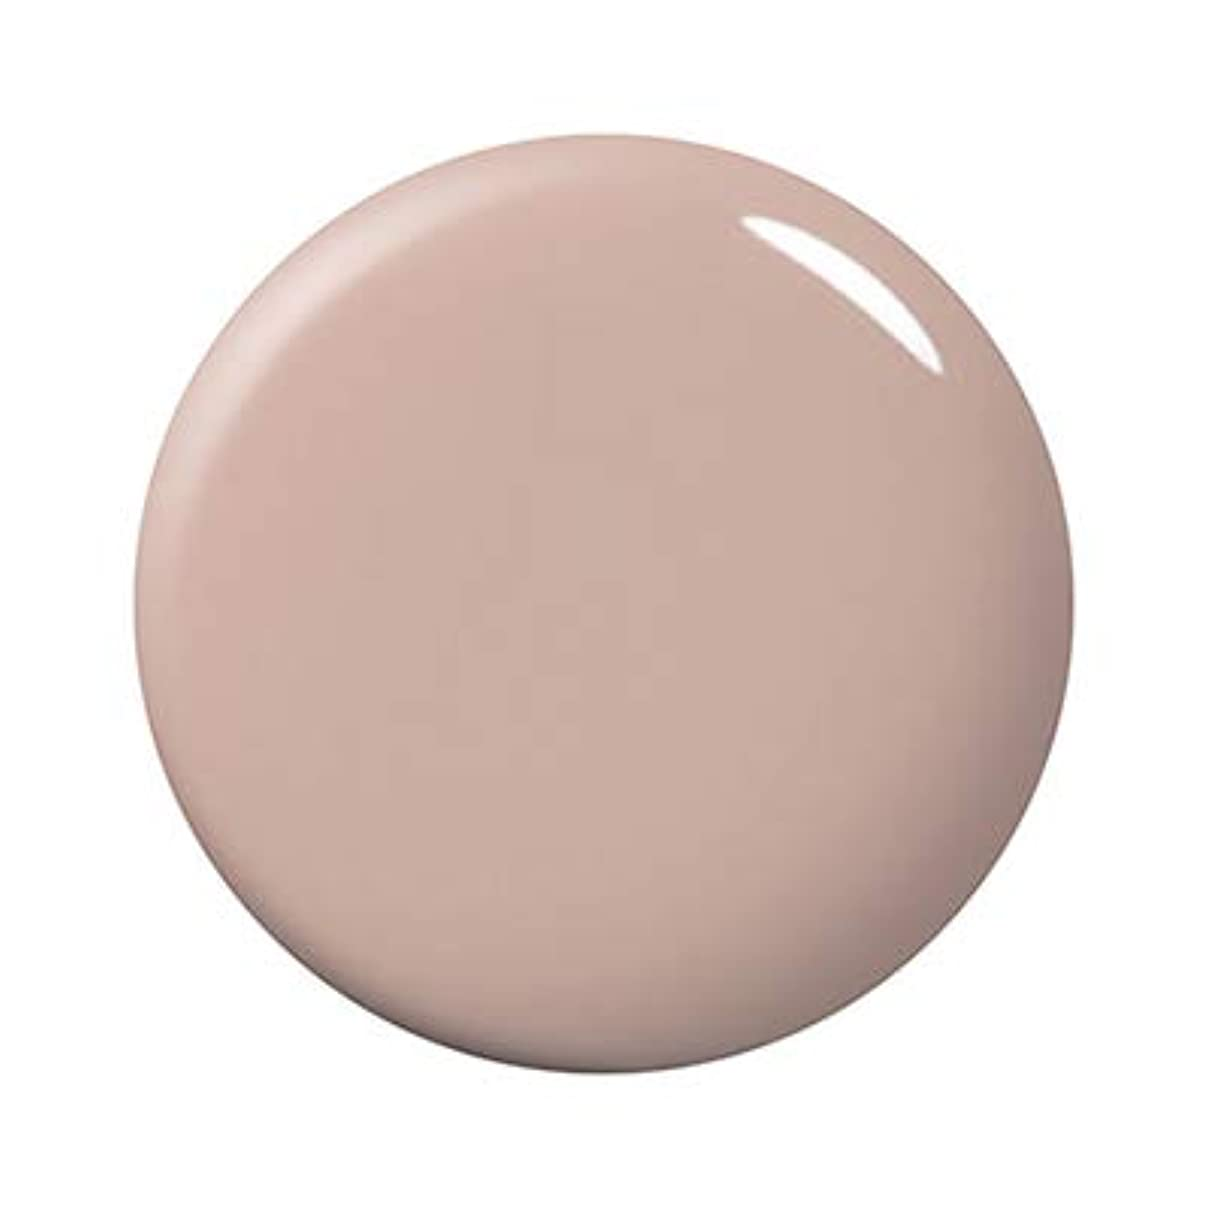 端こしょう円形のパラジェル シースルーカラージェル ST12 シースルーシルクアンバー 4g (神宮麻実プロデュース)